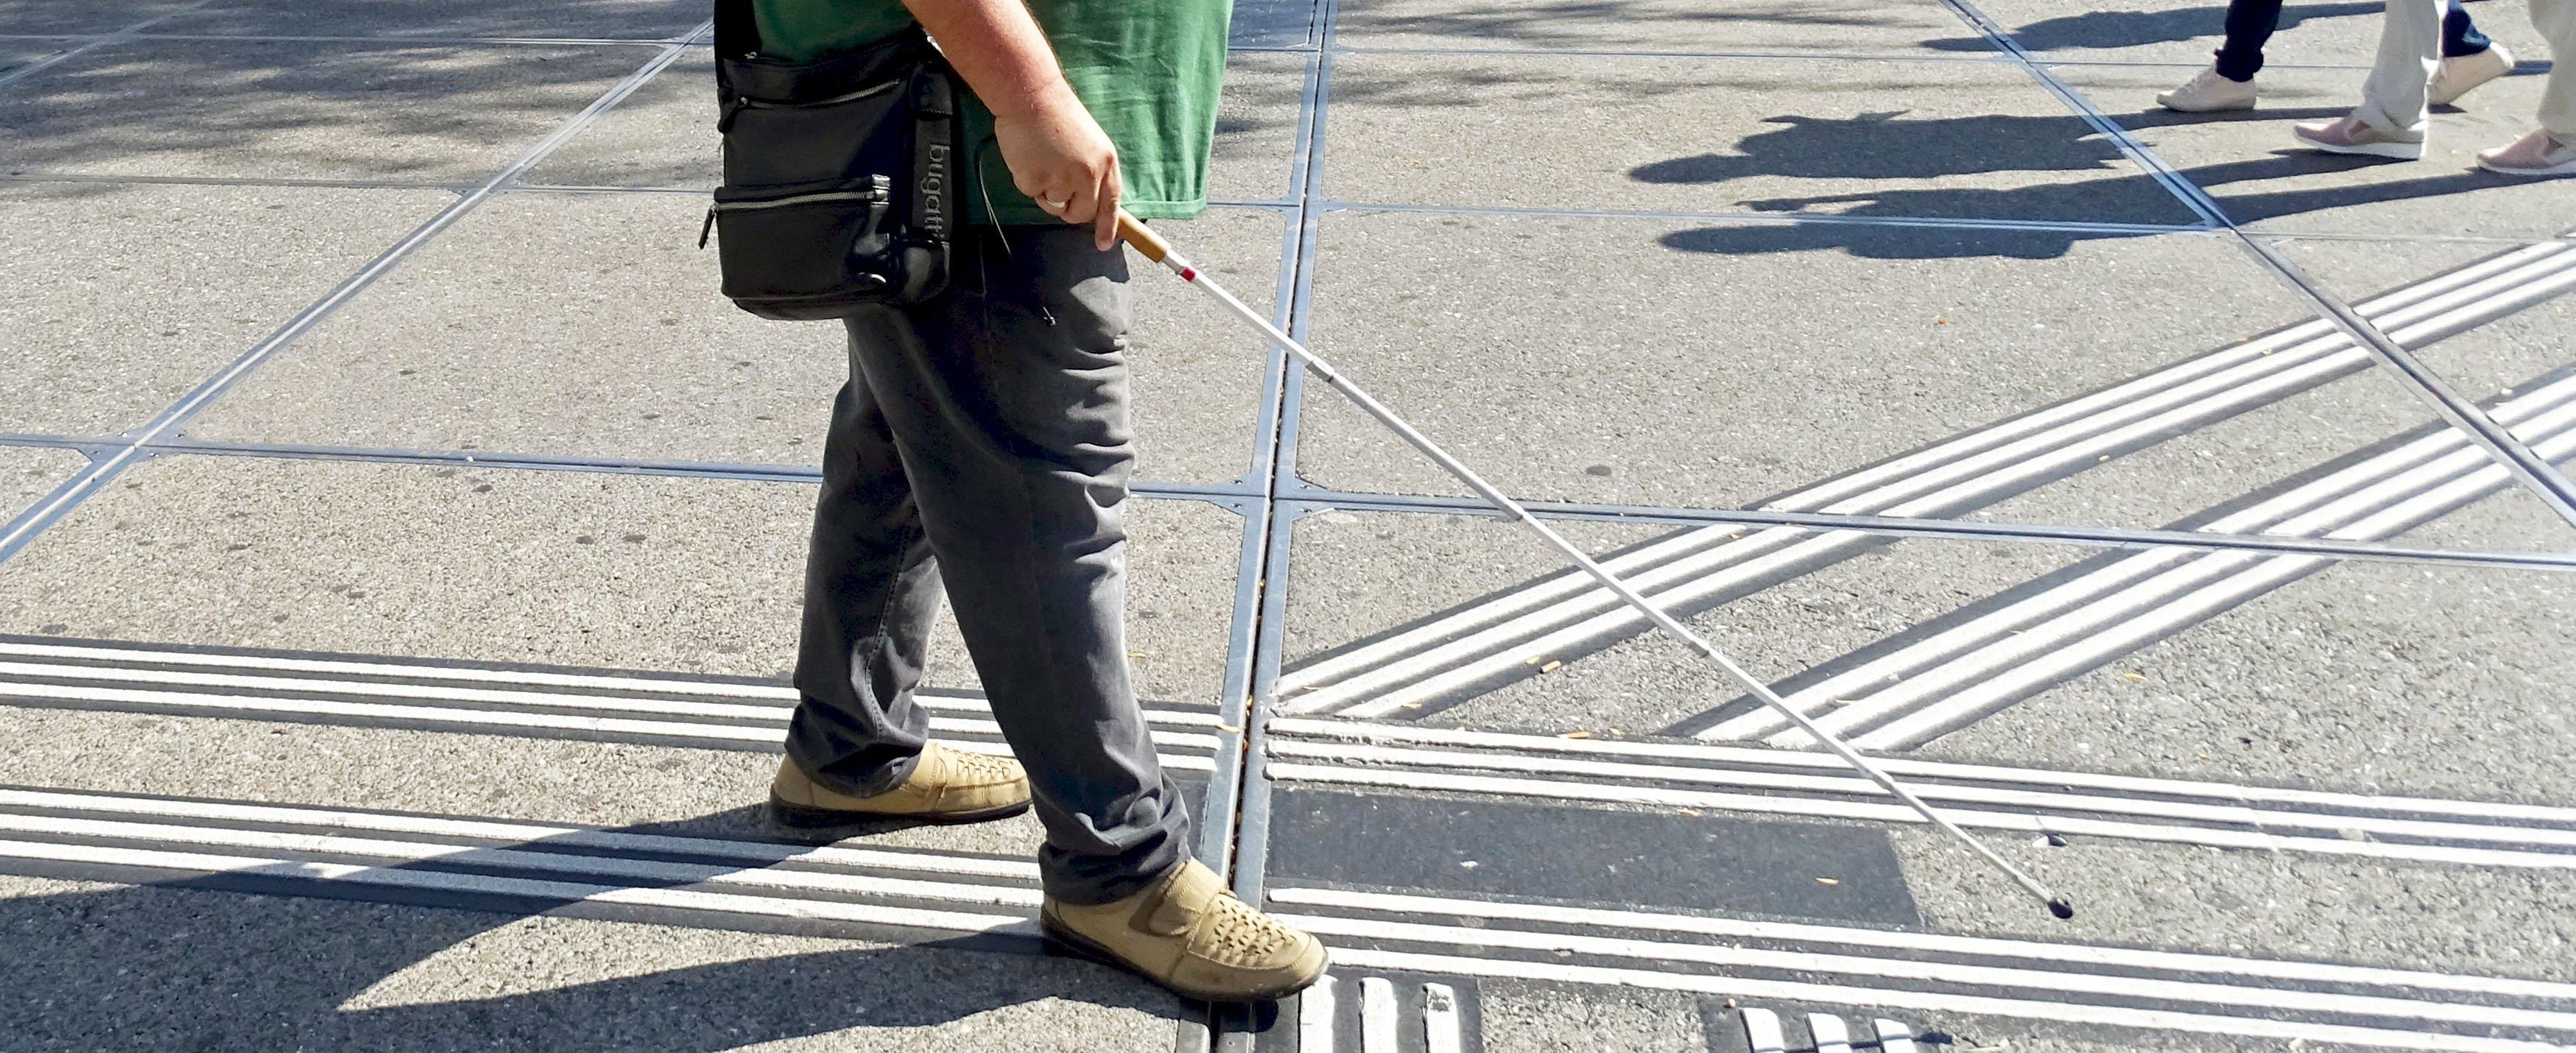 Das Blindenleitsystem führt Blinde durch die Strassen. Doch was, wenn dieses aufhört?